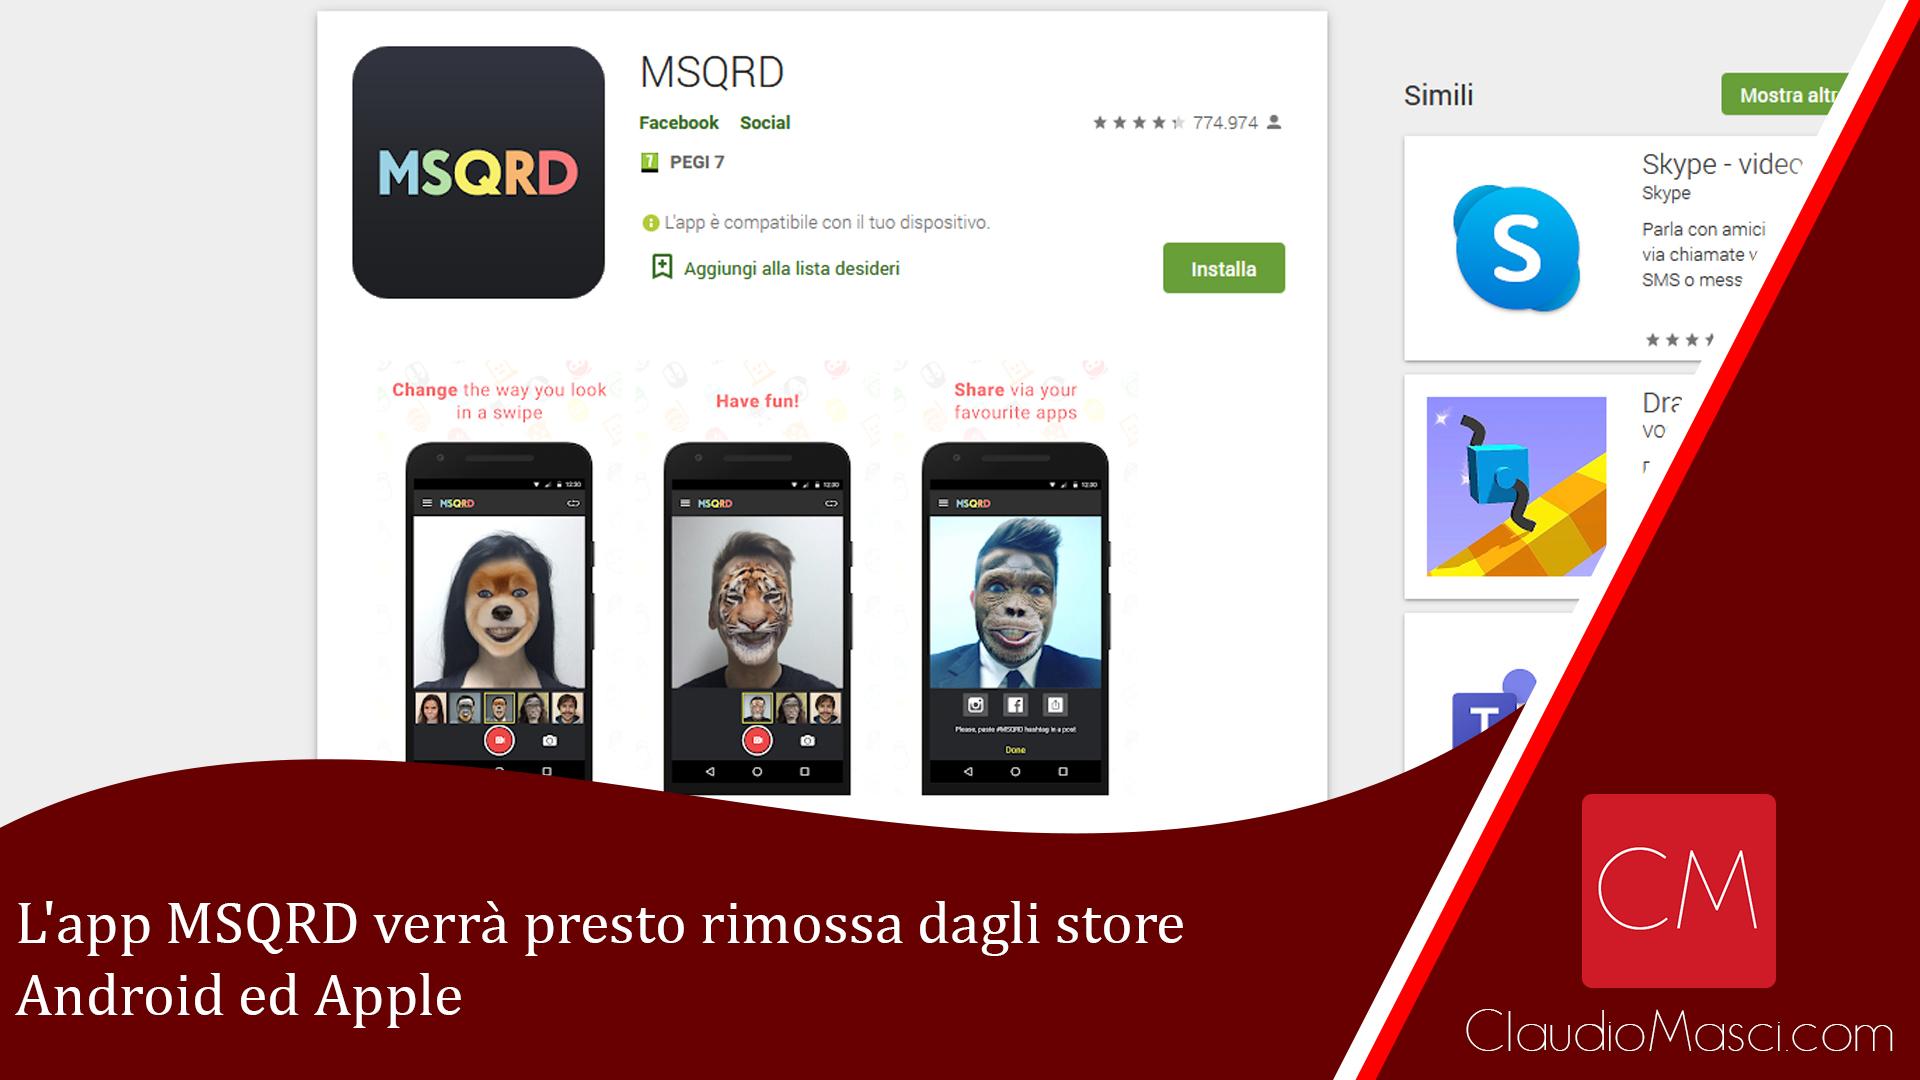 L'app MSQRD verrà presto rimossa dagli store Android ed Apple